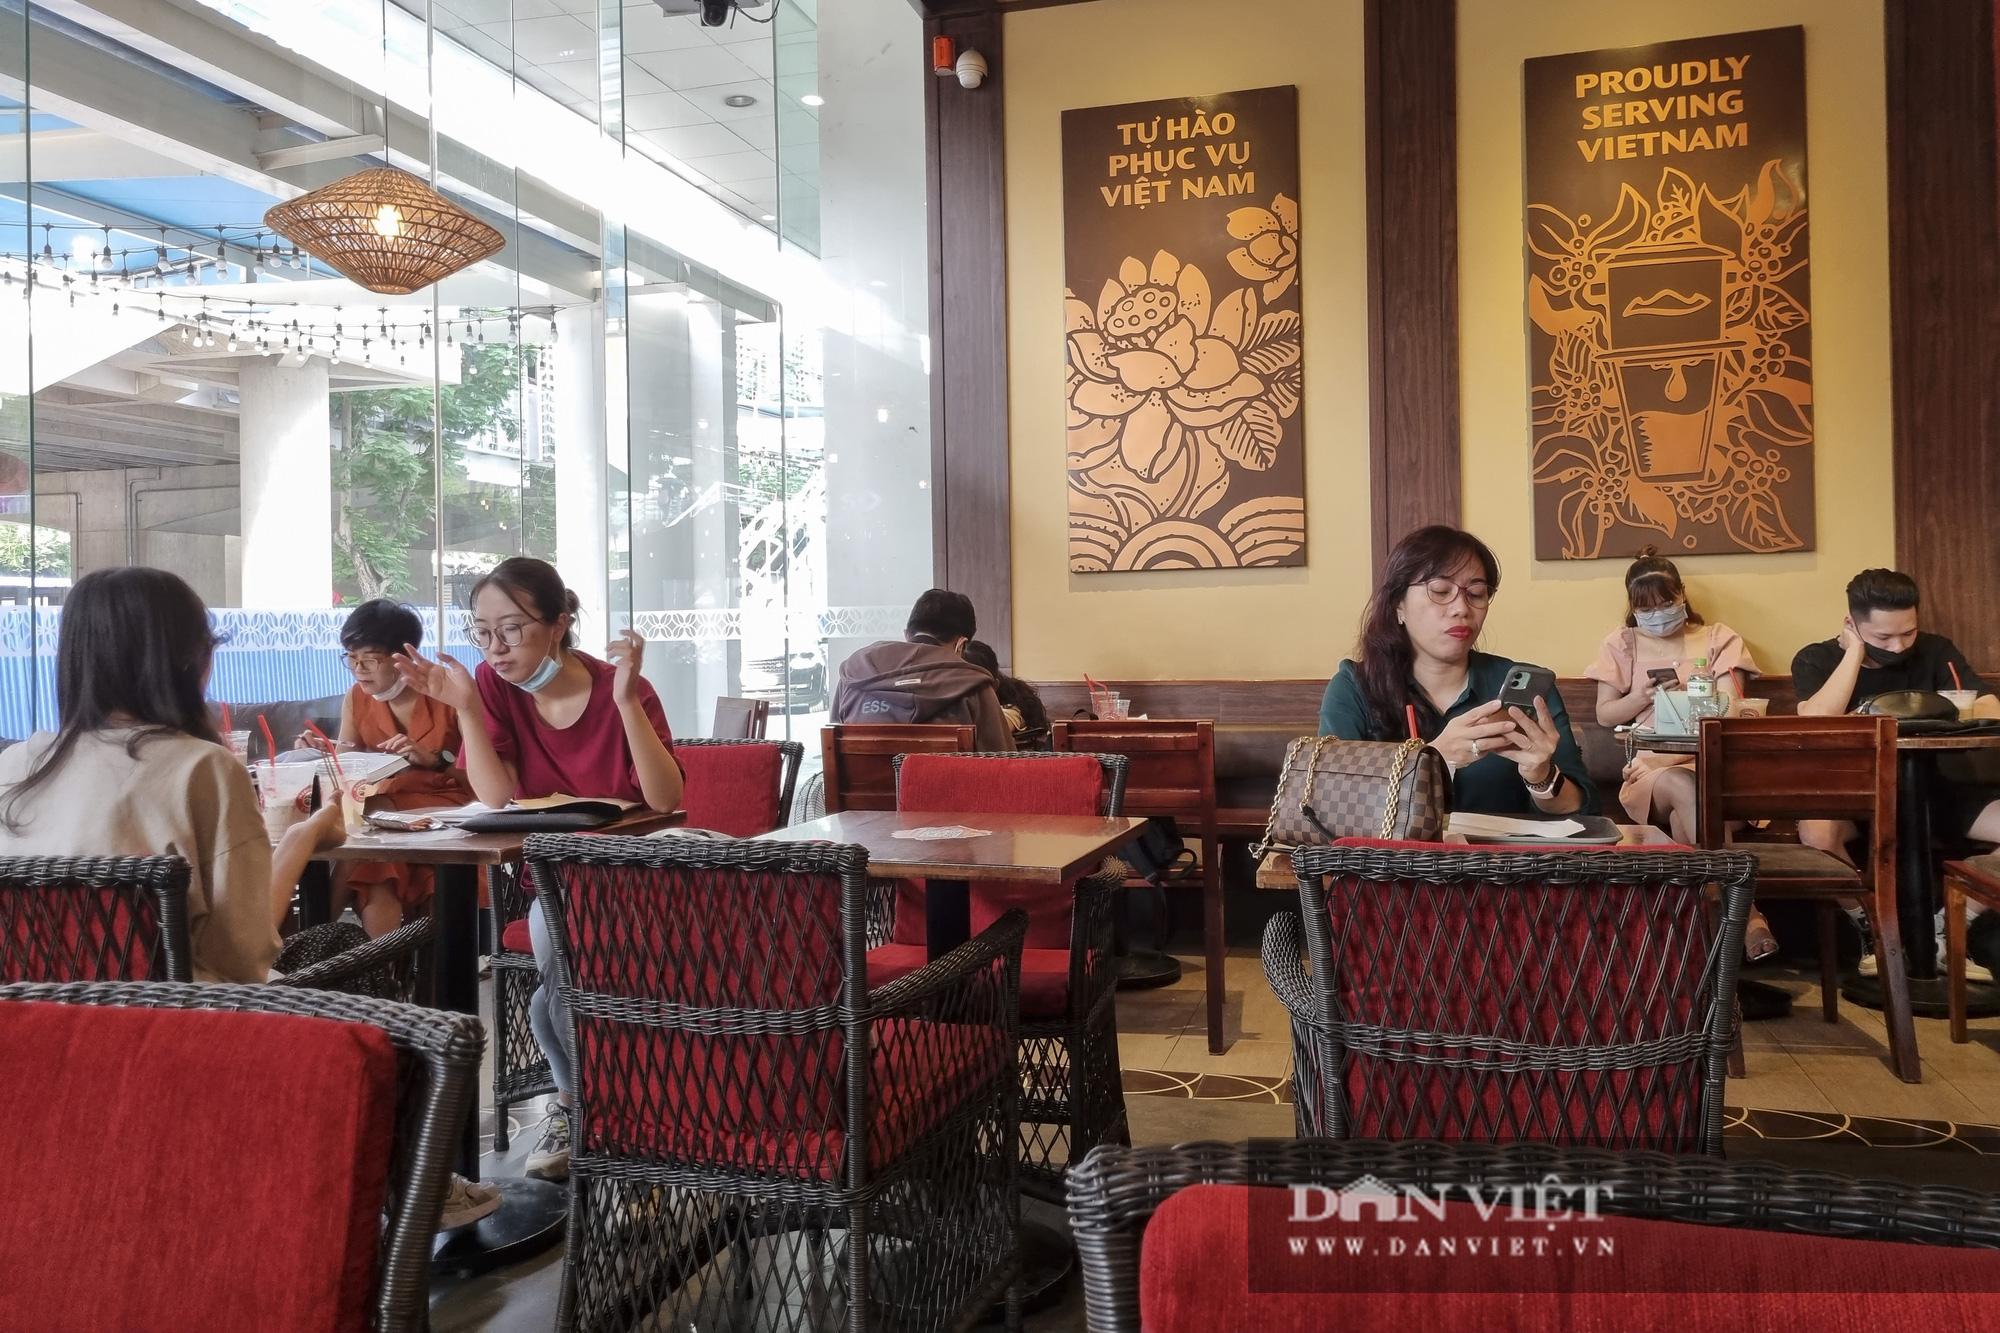 Hà Nội: Nhà hàng, quán cà phê, trà đá vỉa hè nơi chấp hành tốt, nơi vẫn ngang nhiên hoạt động  - Ảnh 4.